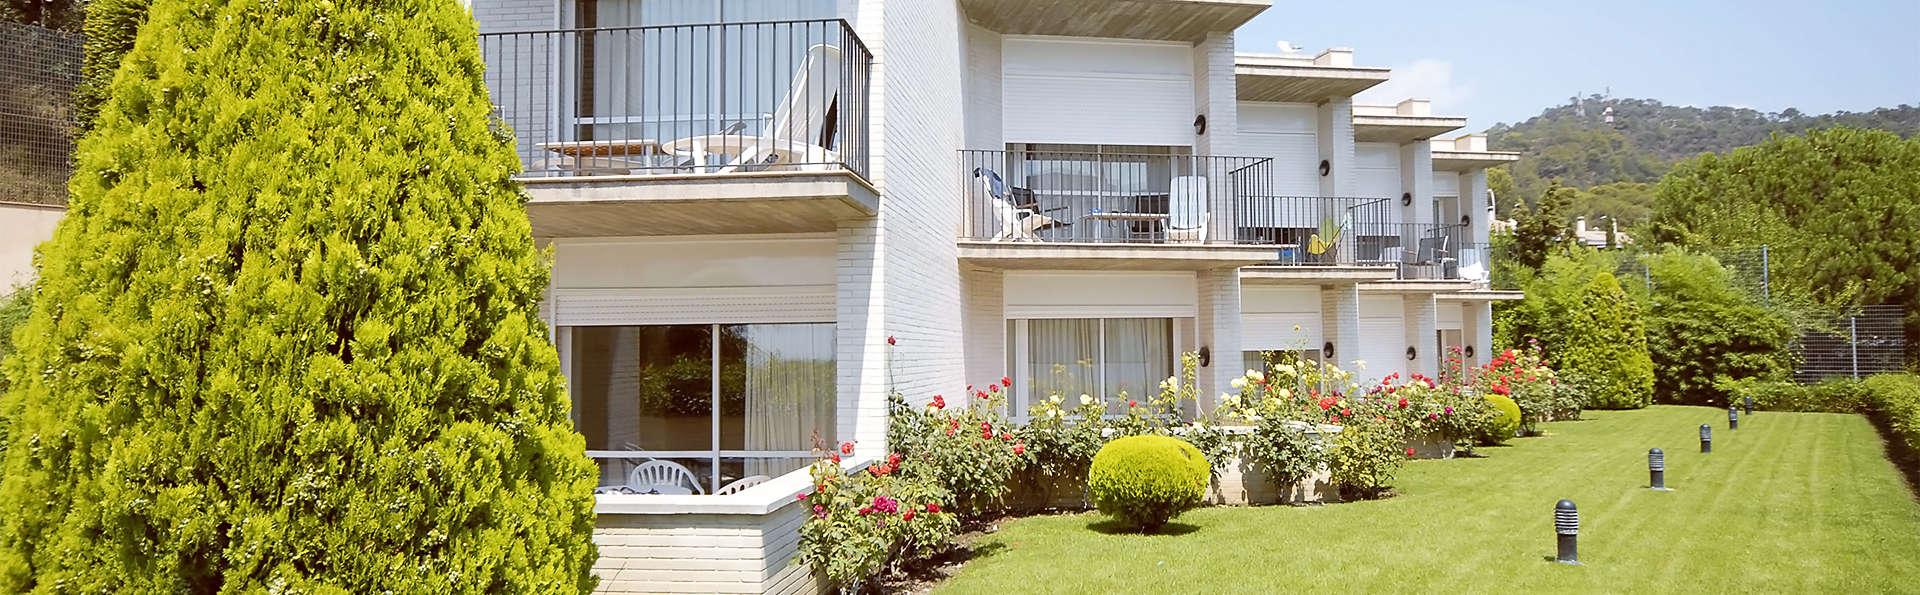 Gran Hotel Reymar  - EDIT_ext2.jpg